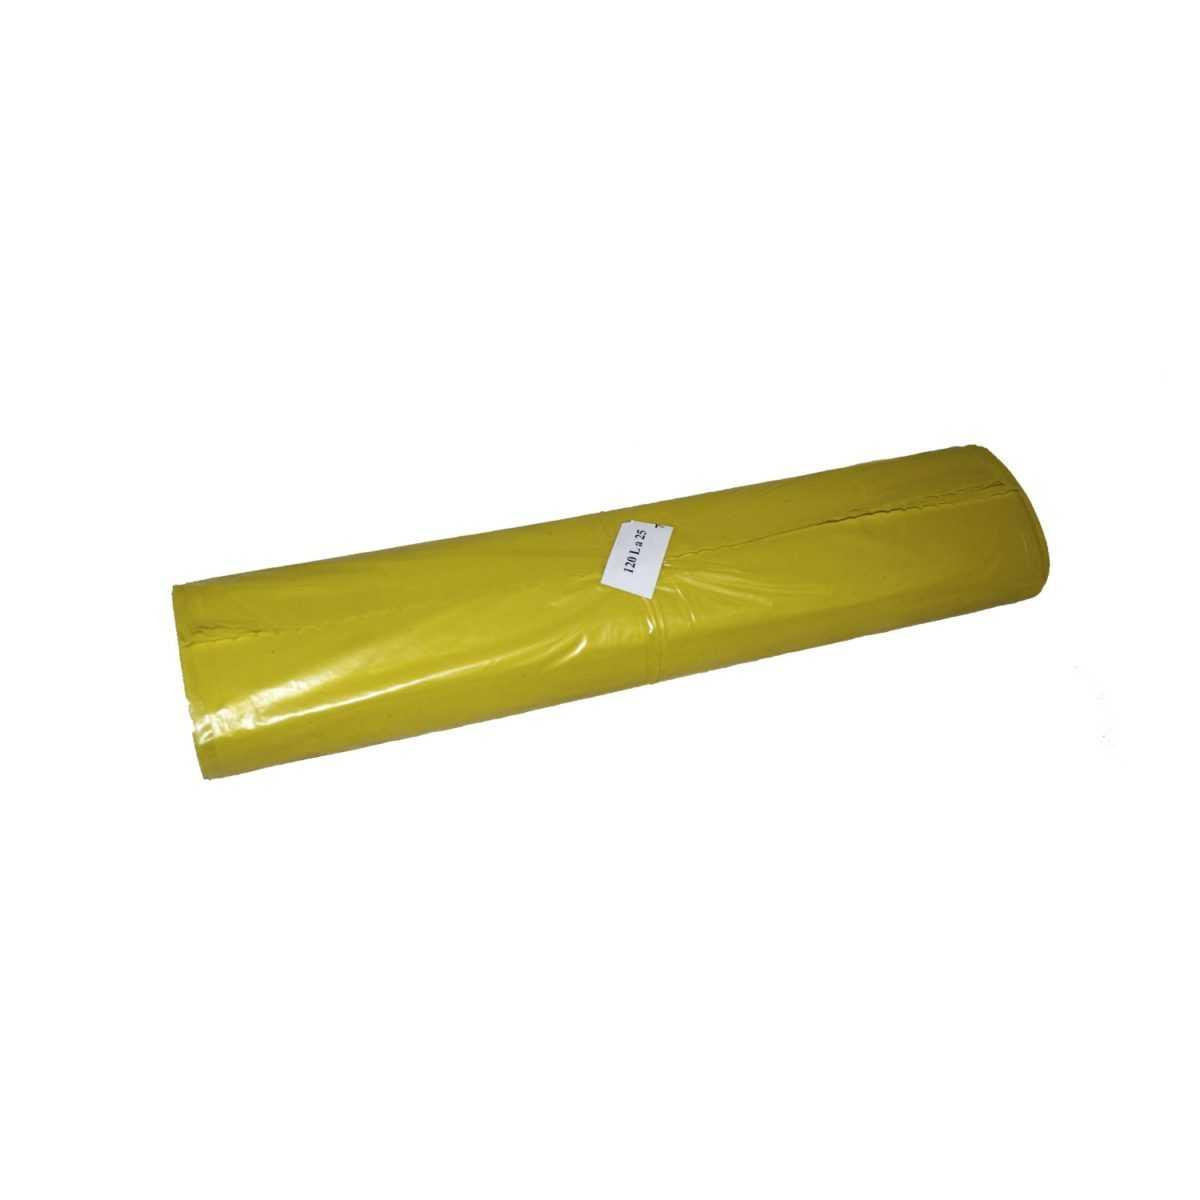 Worki na śmieci 120 litrów LDPE z mocnej folii, żółte w rolce 25 sztuk